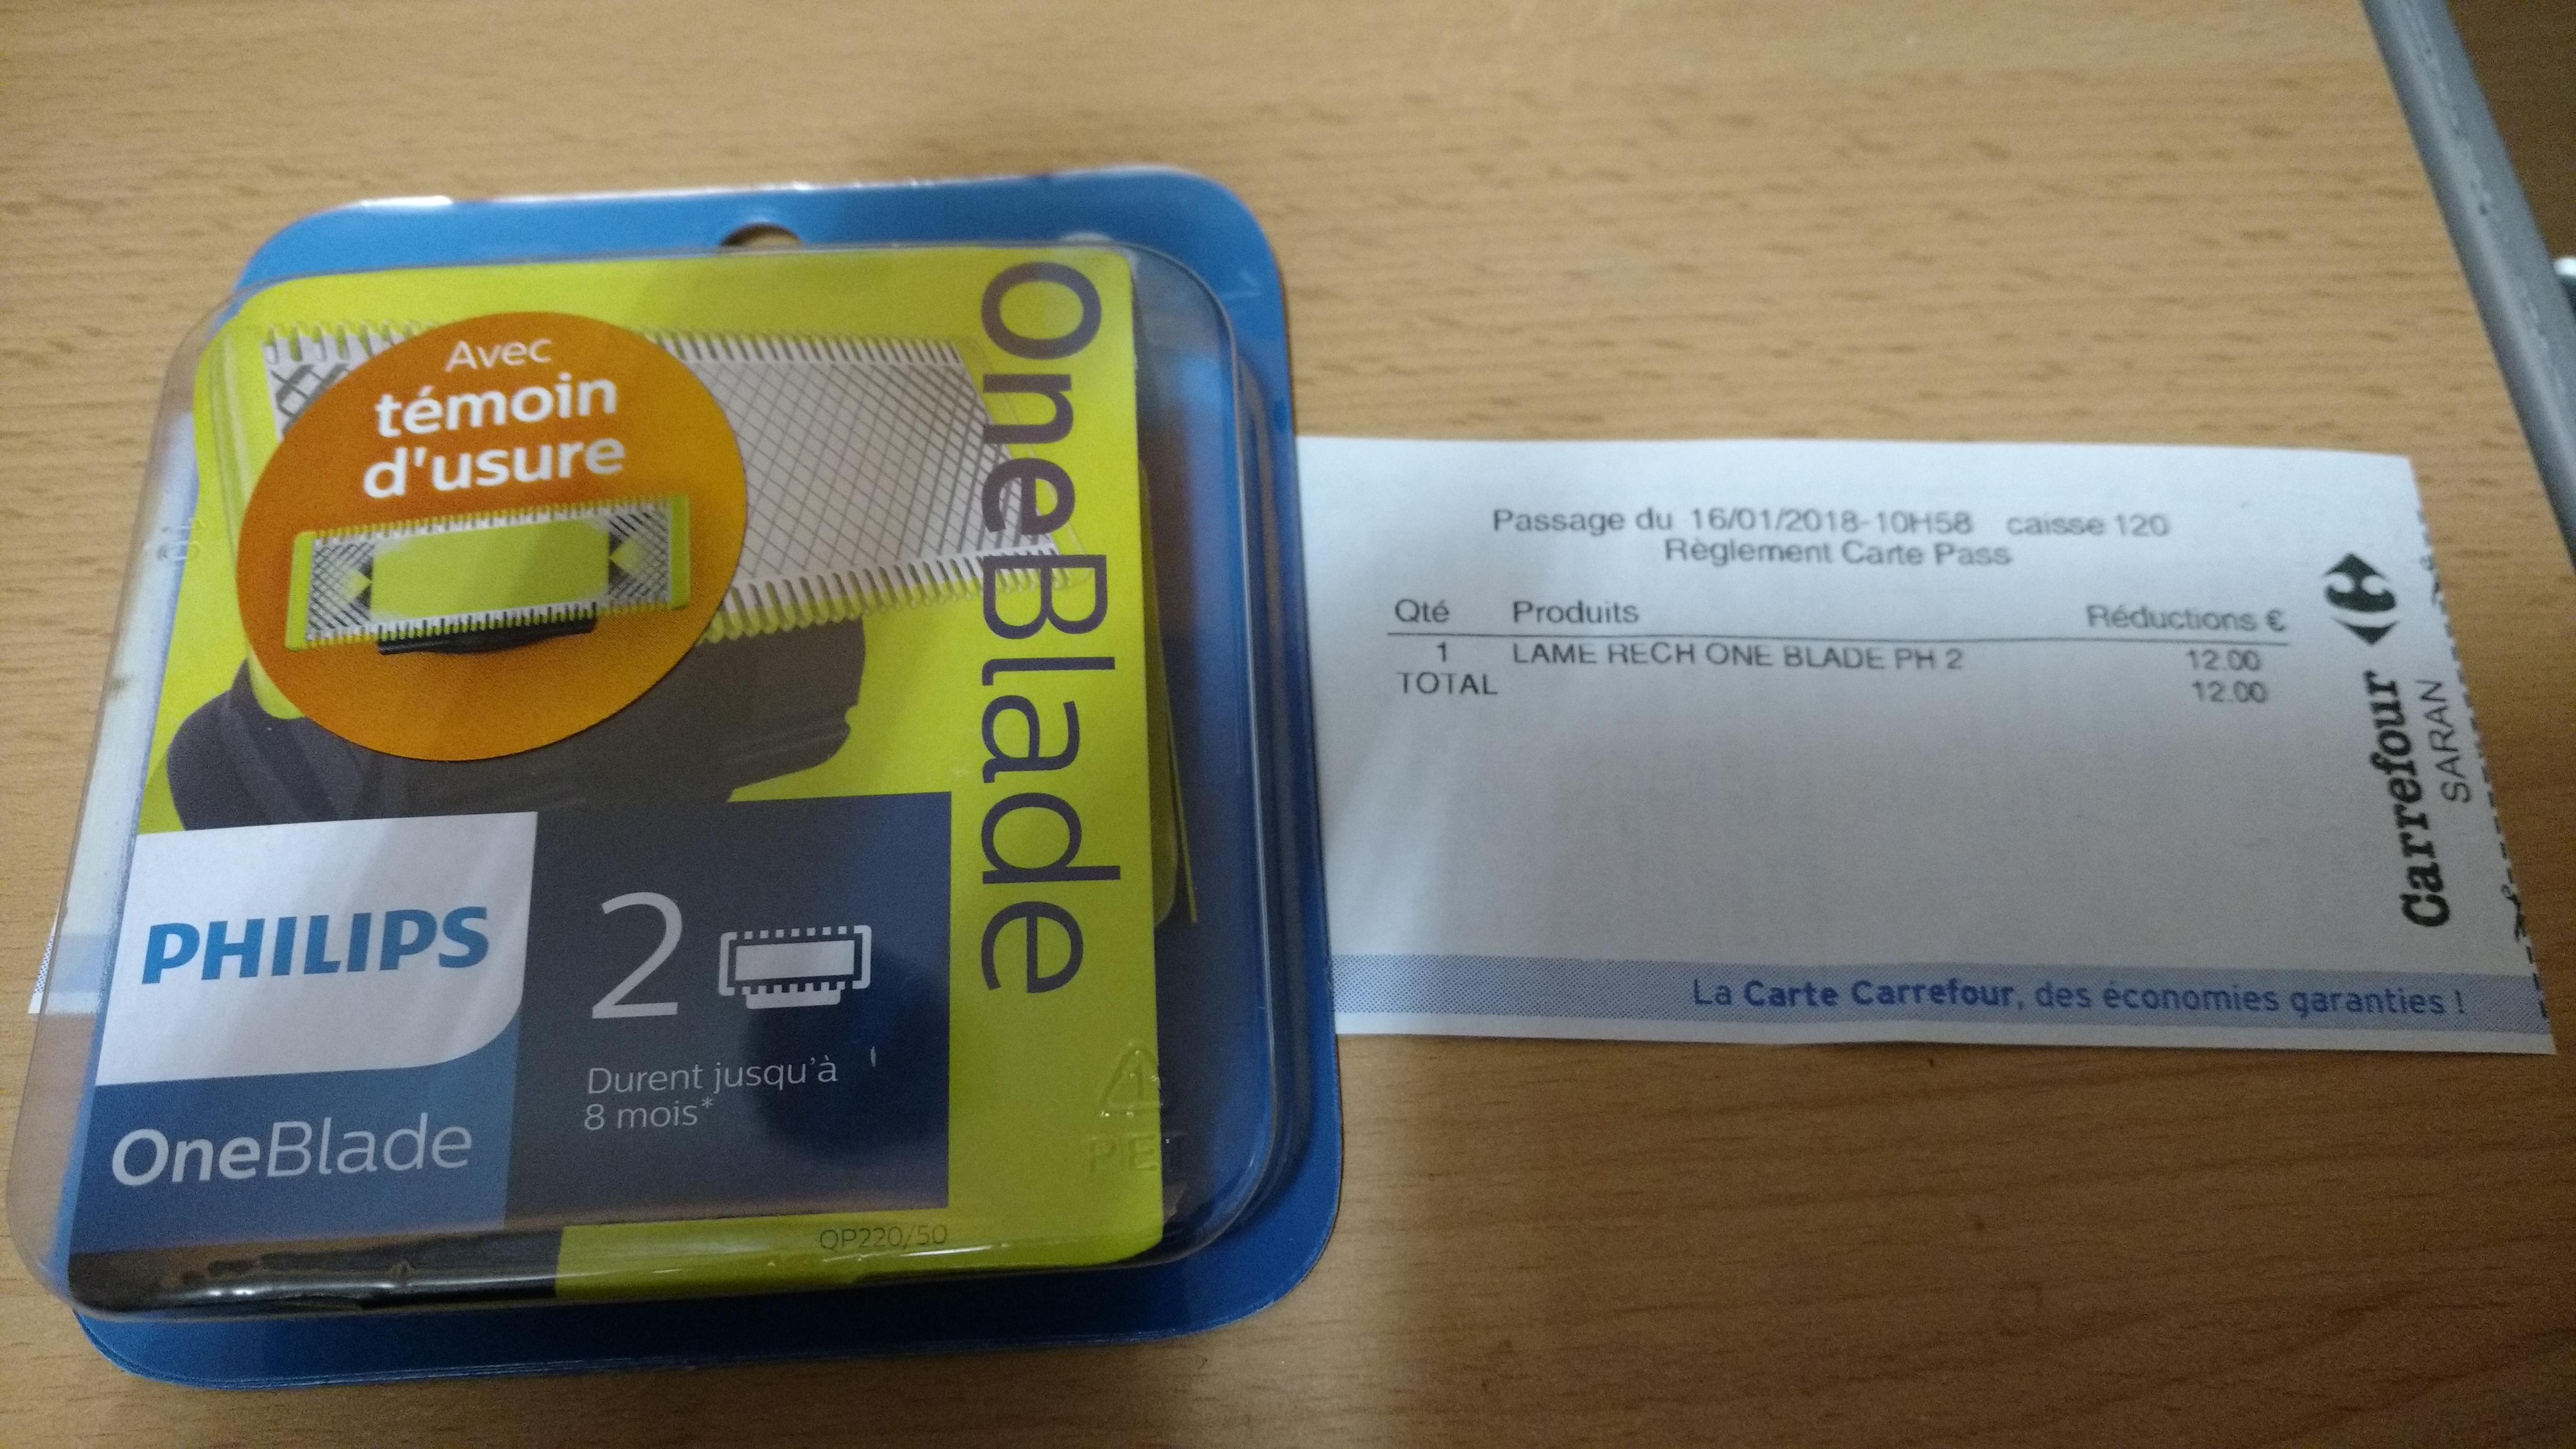 2 Lames OneBlade Philips (via 12€ sur la carte fidélité)